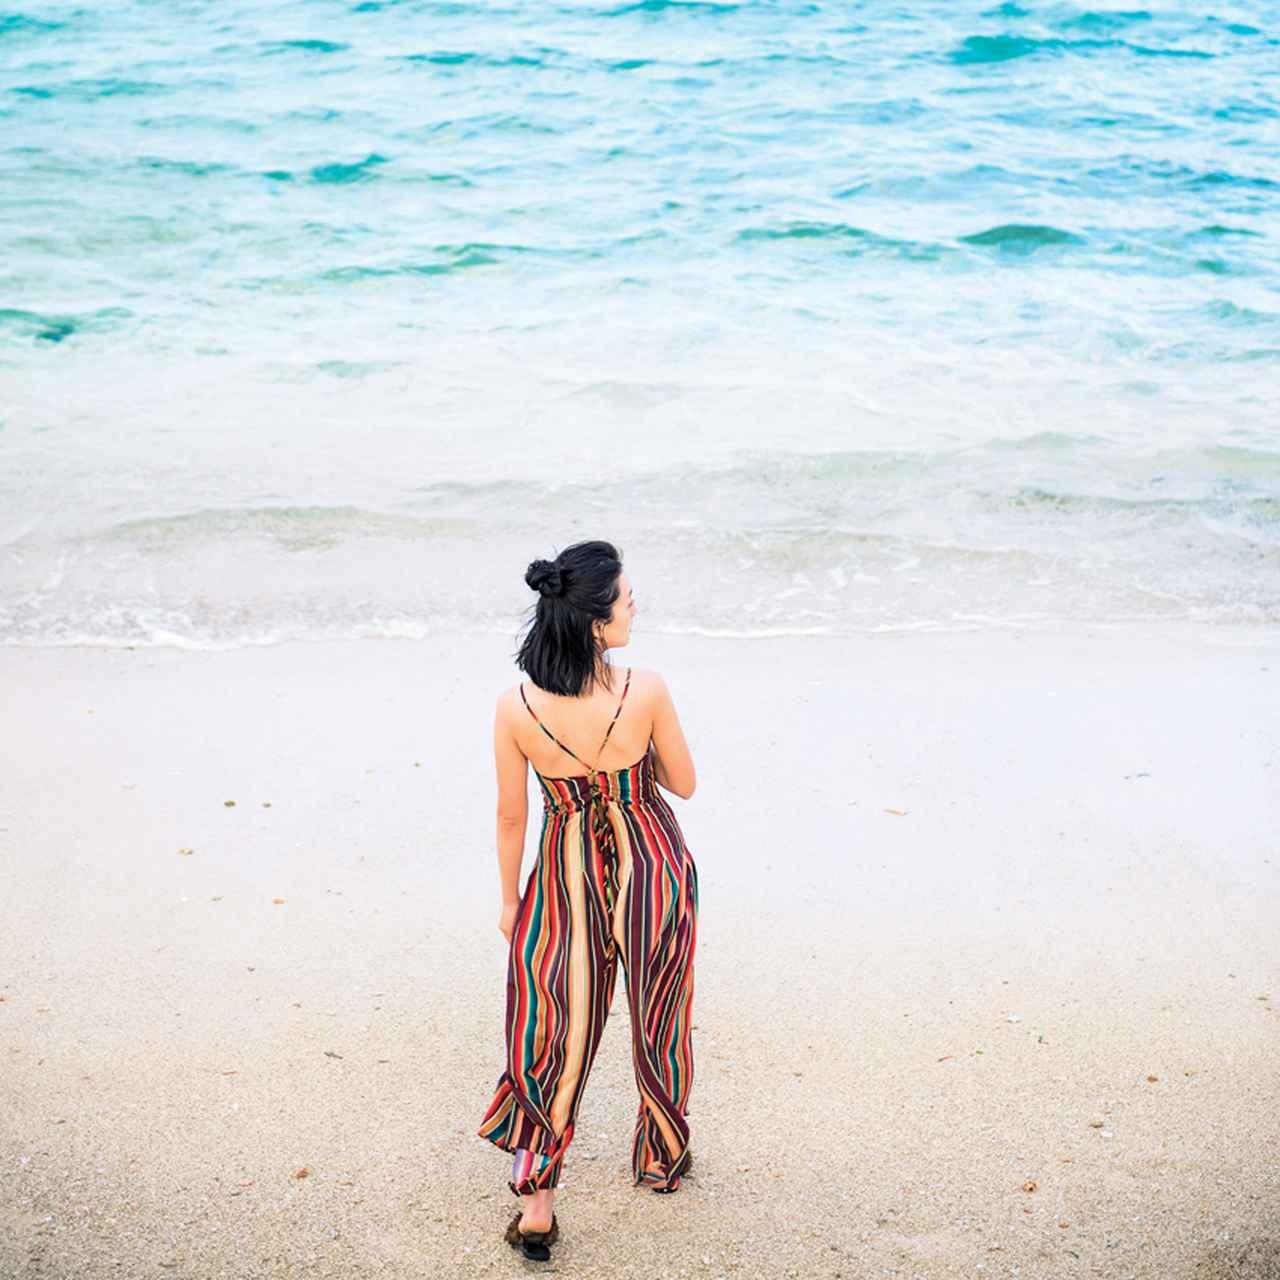 次の休暇に体験したい! 石垣島の穴場スポット&ローカルフード [FRaU]